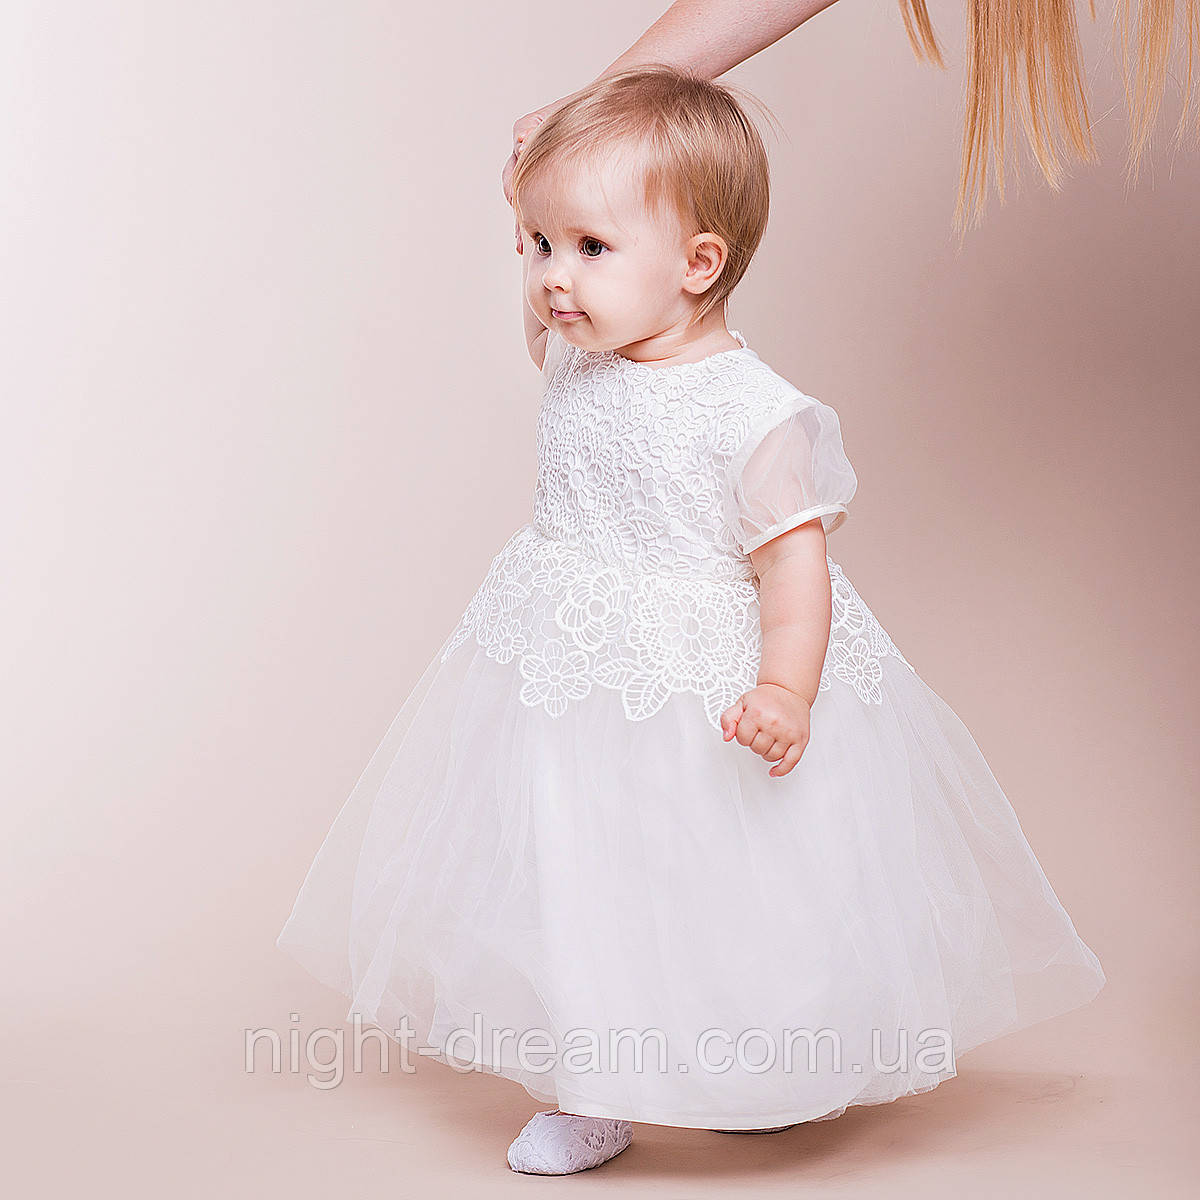 Нарядное платье Глафира от Miminobaby молочное от 12 до 18 месяцев